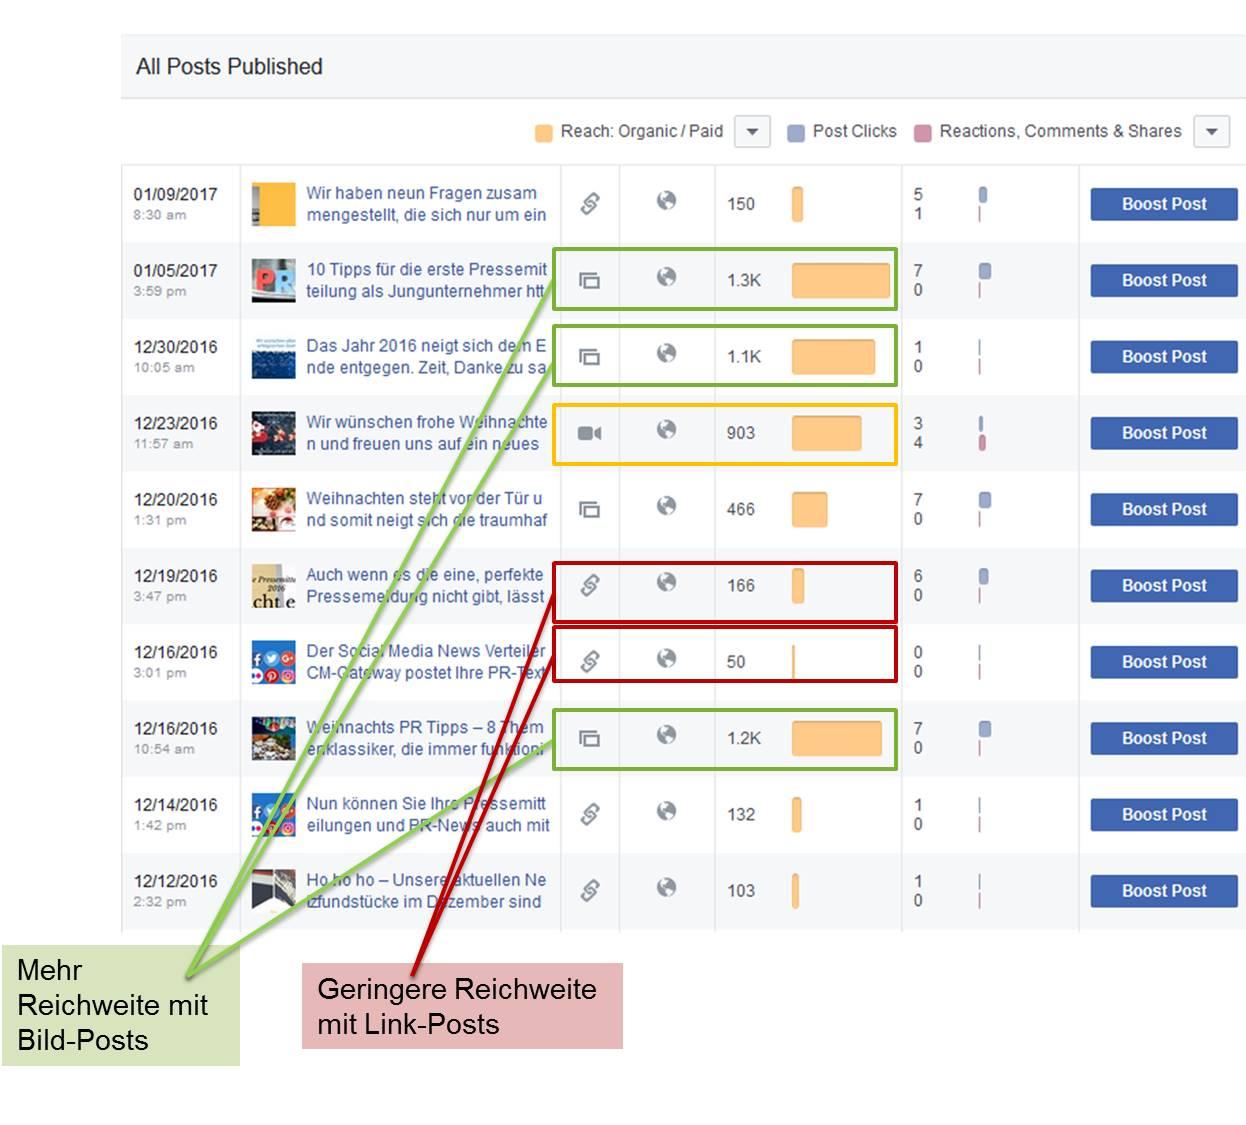 Ergebnisse unseres Tests: Die organische Reichweite unserer Facebook-Posts